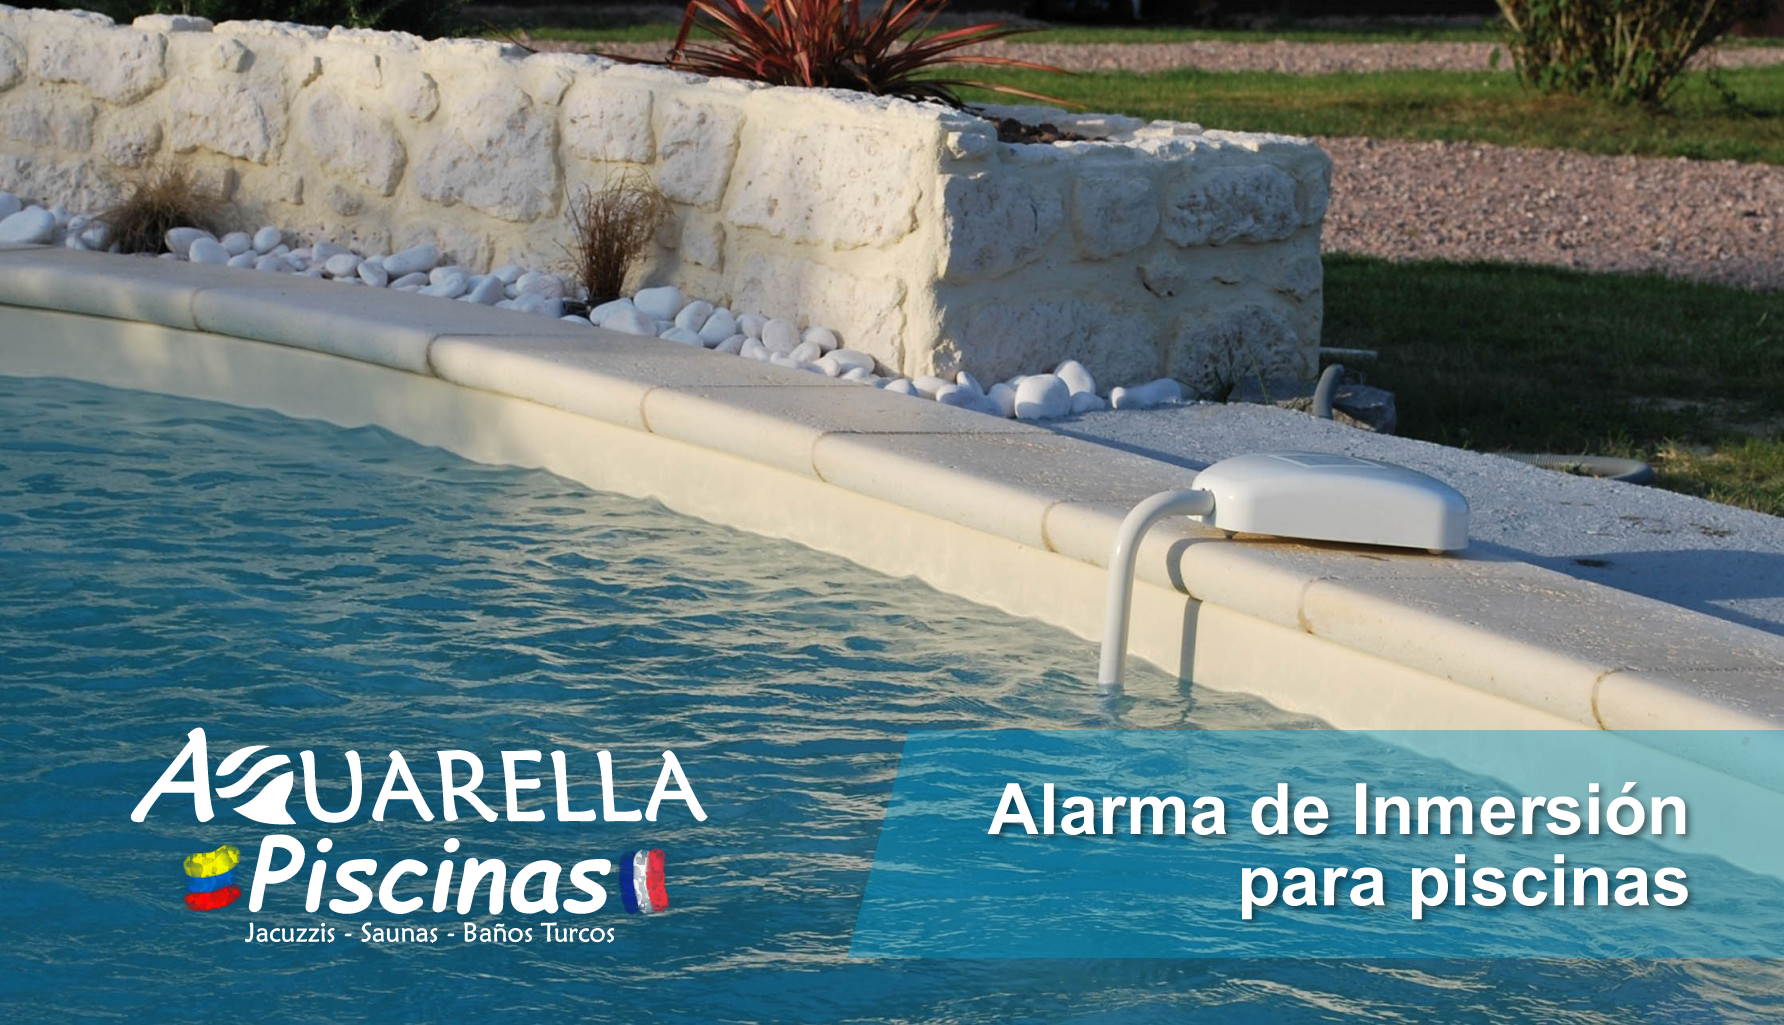 alarma de inmersion para piscinas